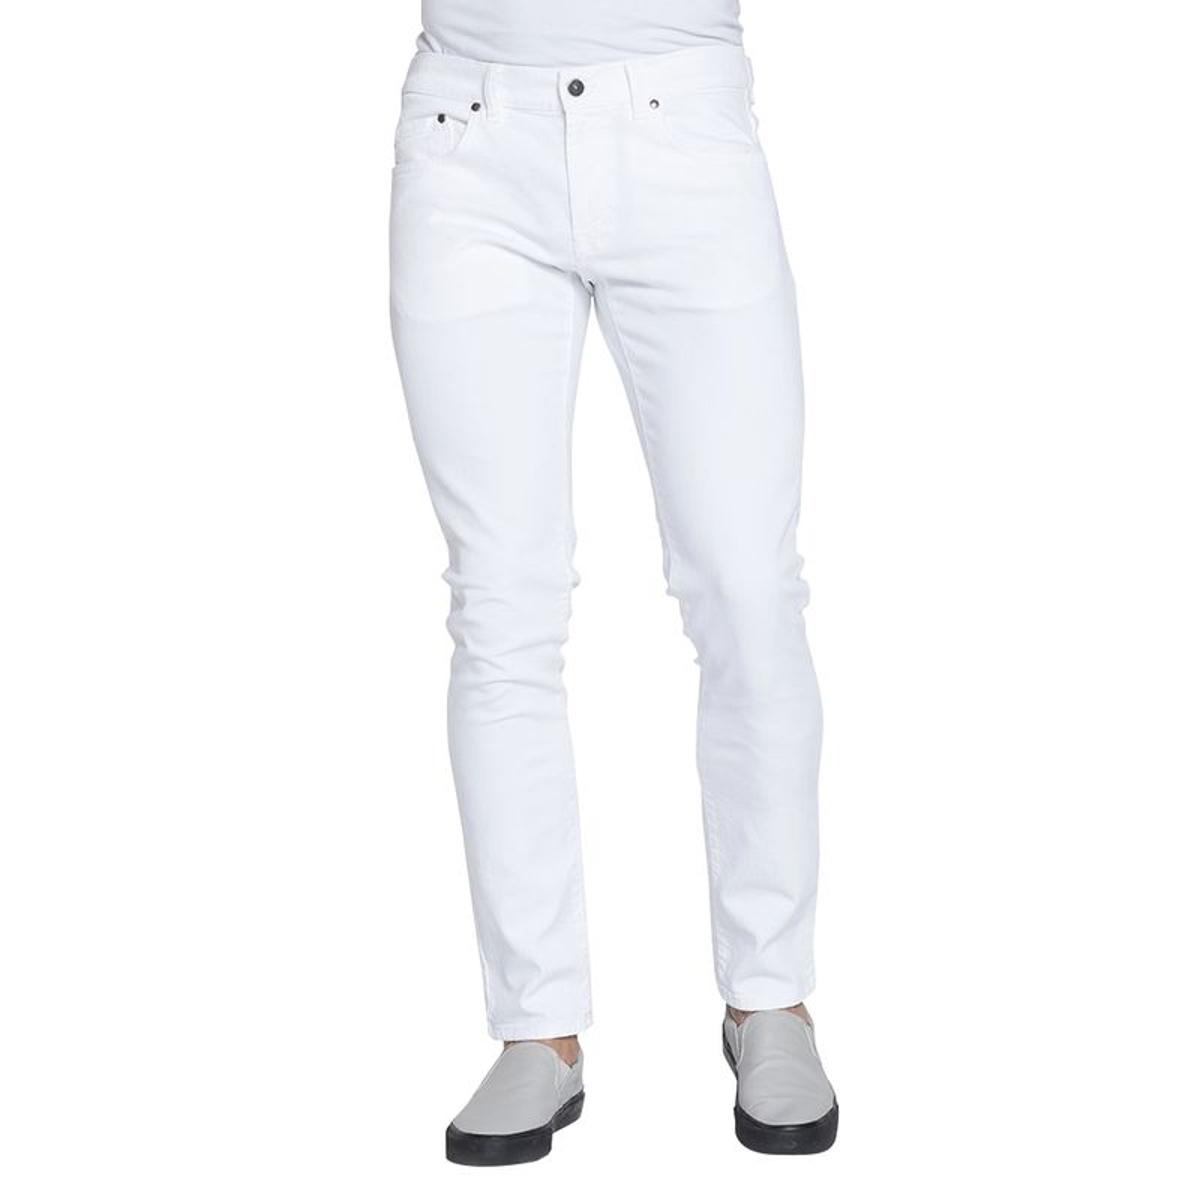 Pantalon couleur unie taille basse